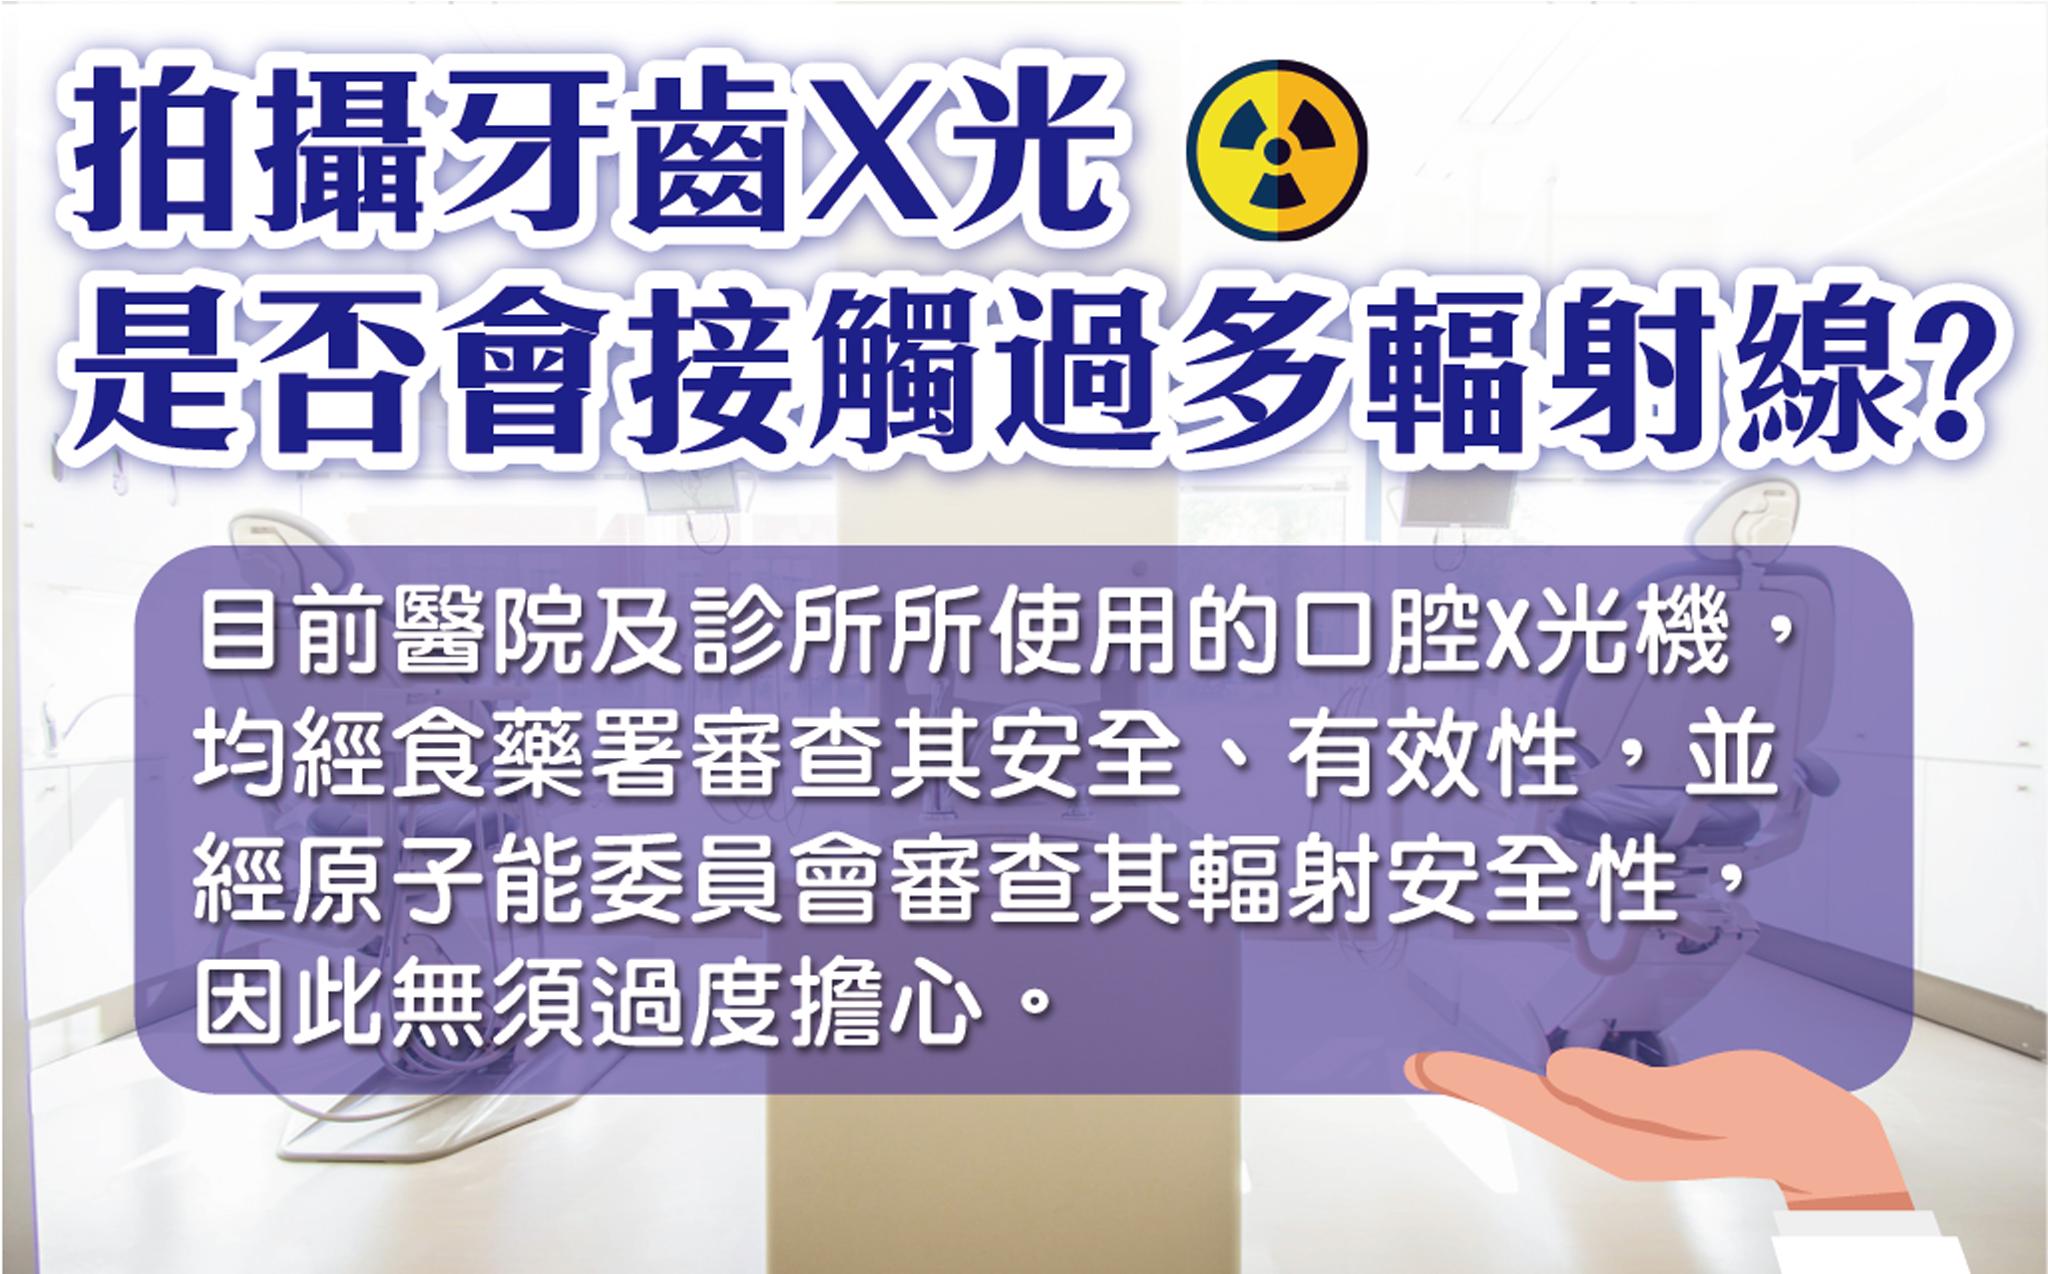 目前醫療院所使用的口腔X光機皆通過安全檢測,無須擔心輻射安全性。